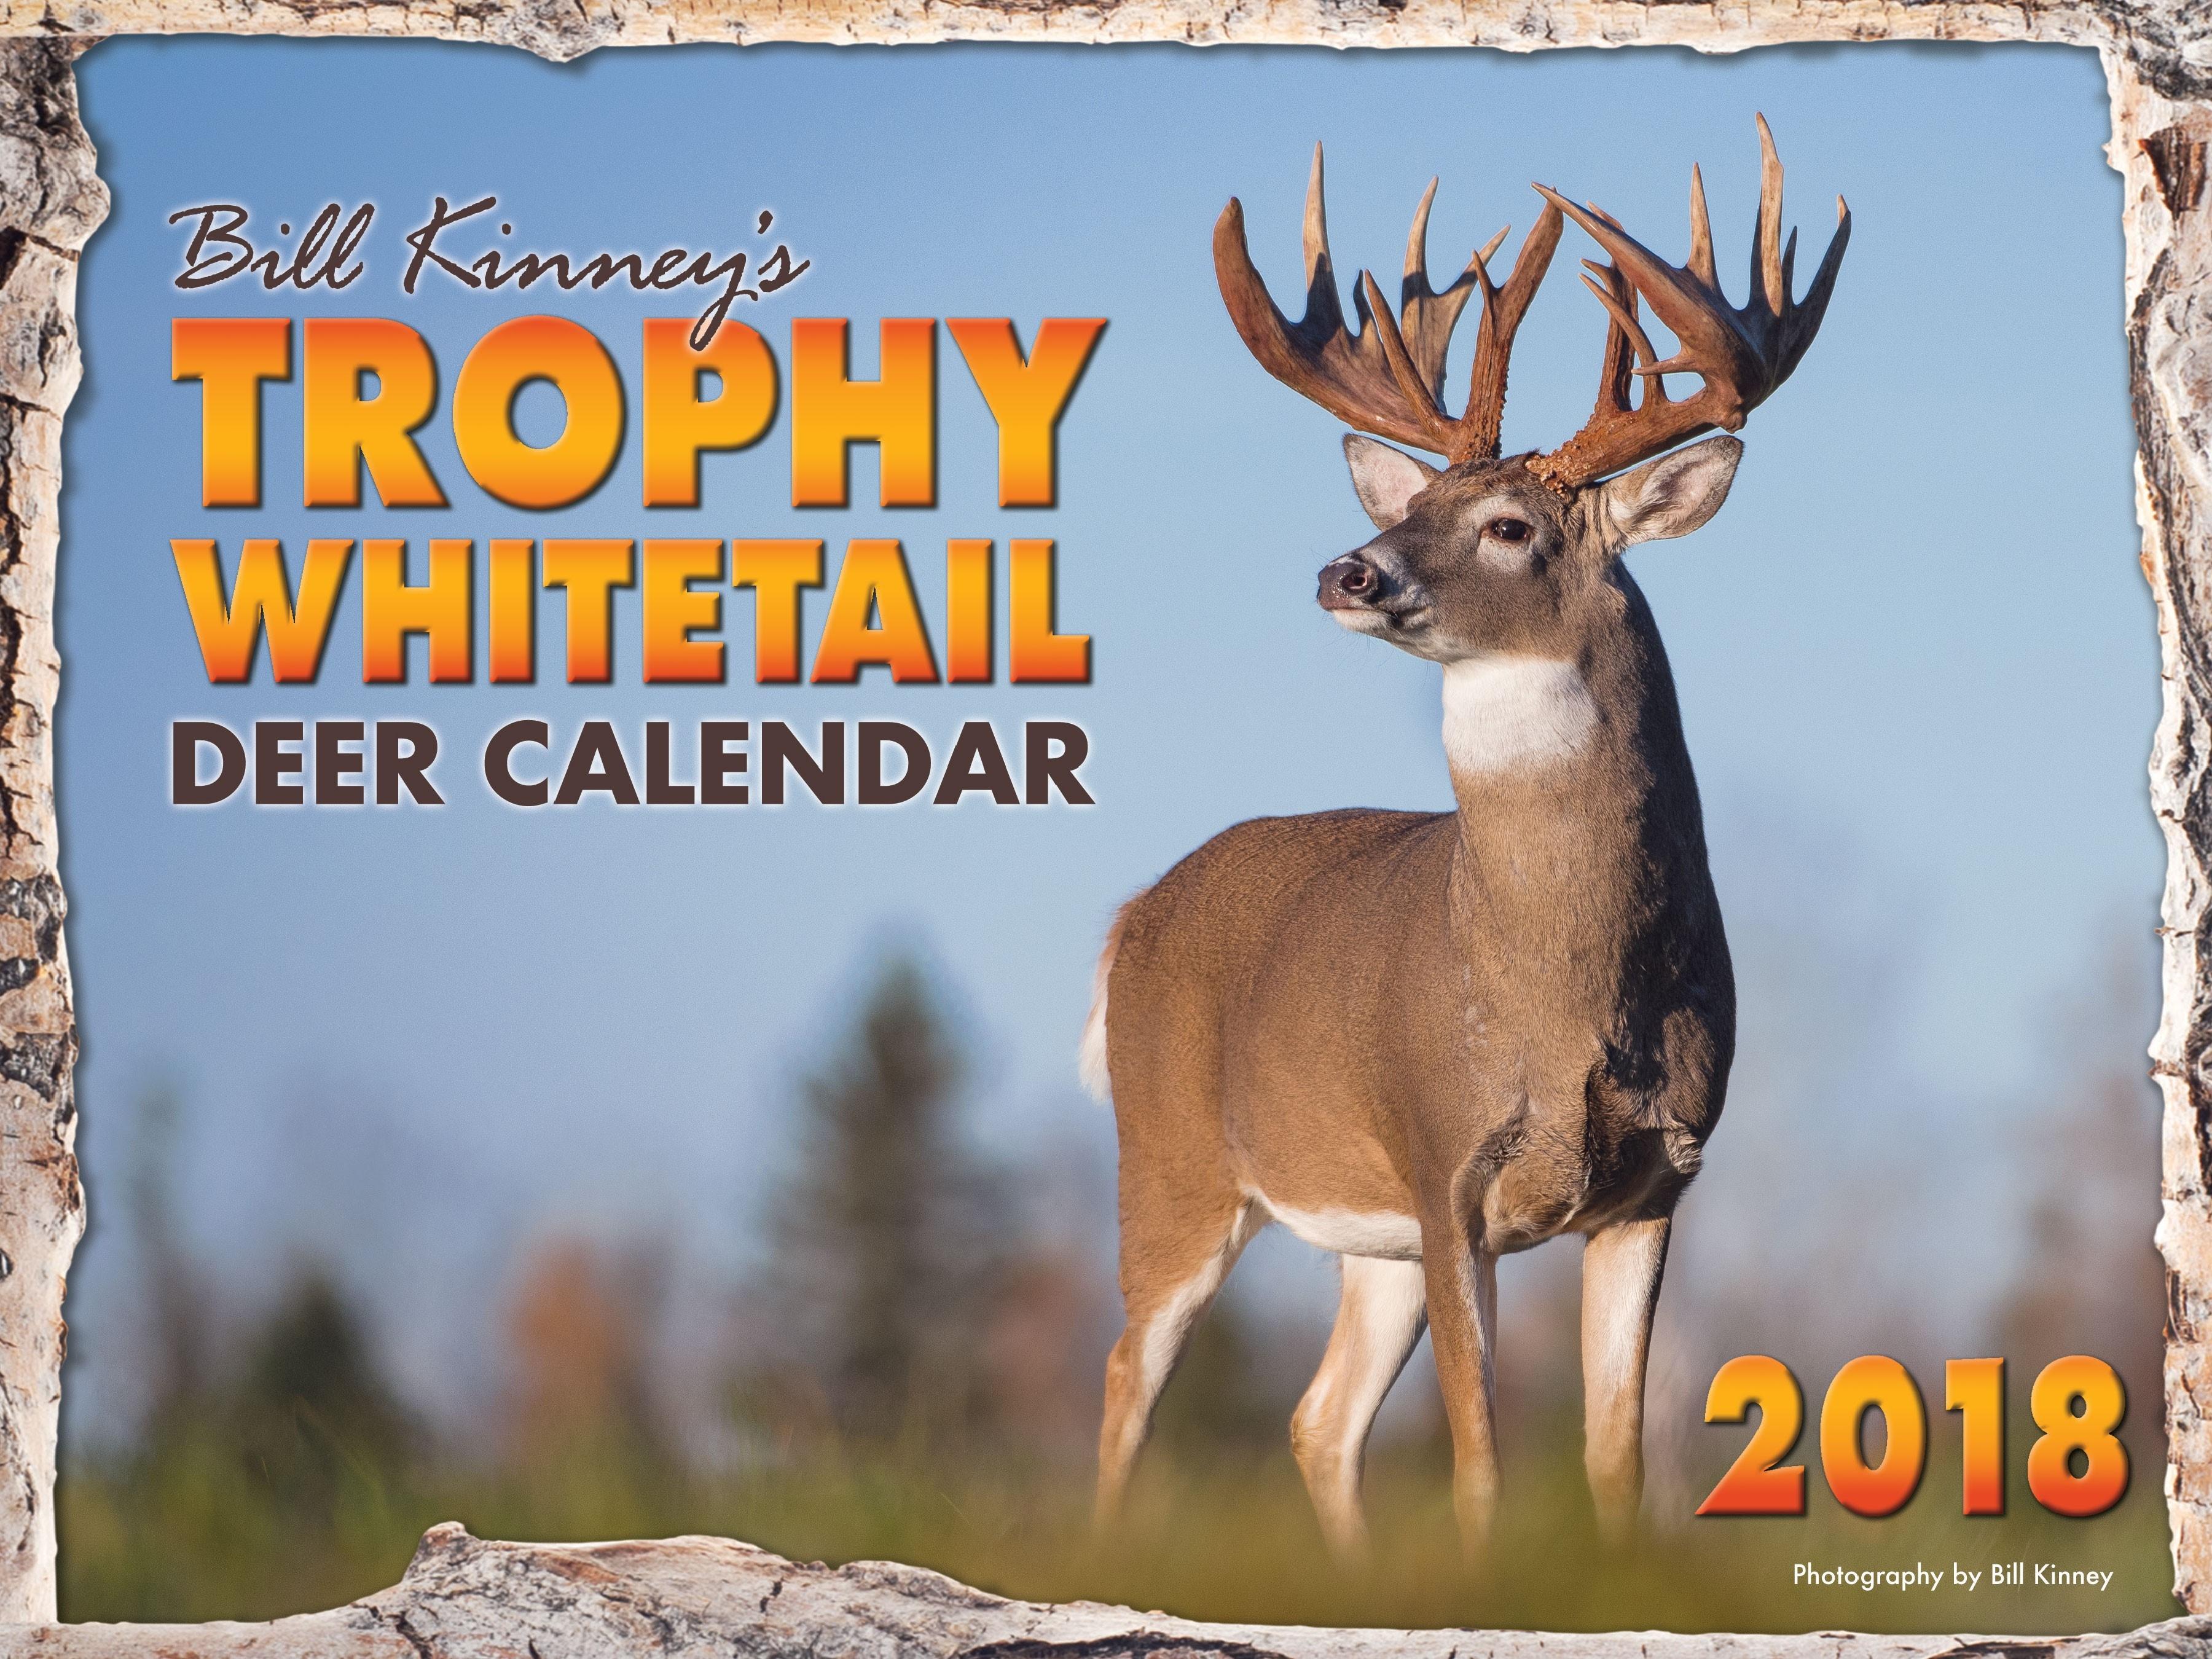 Deer Calendar Billkinney3abry